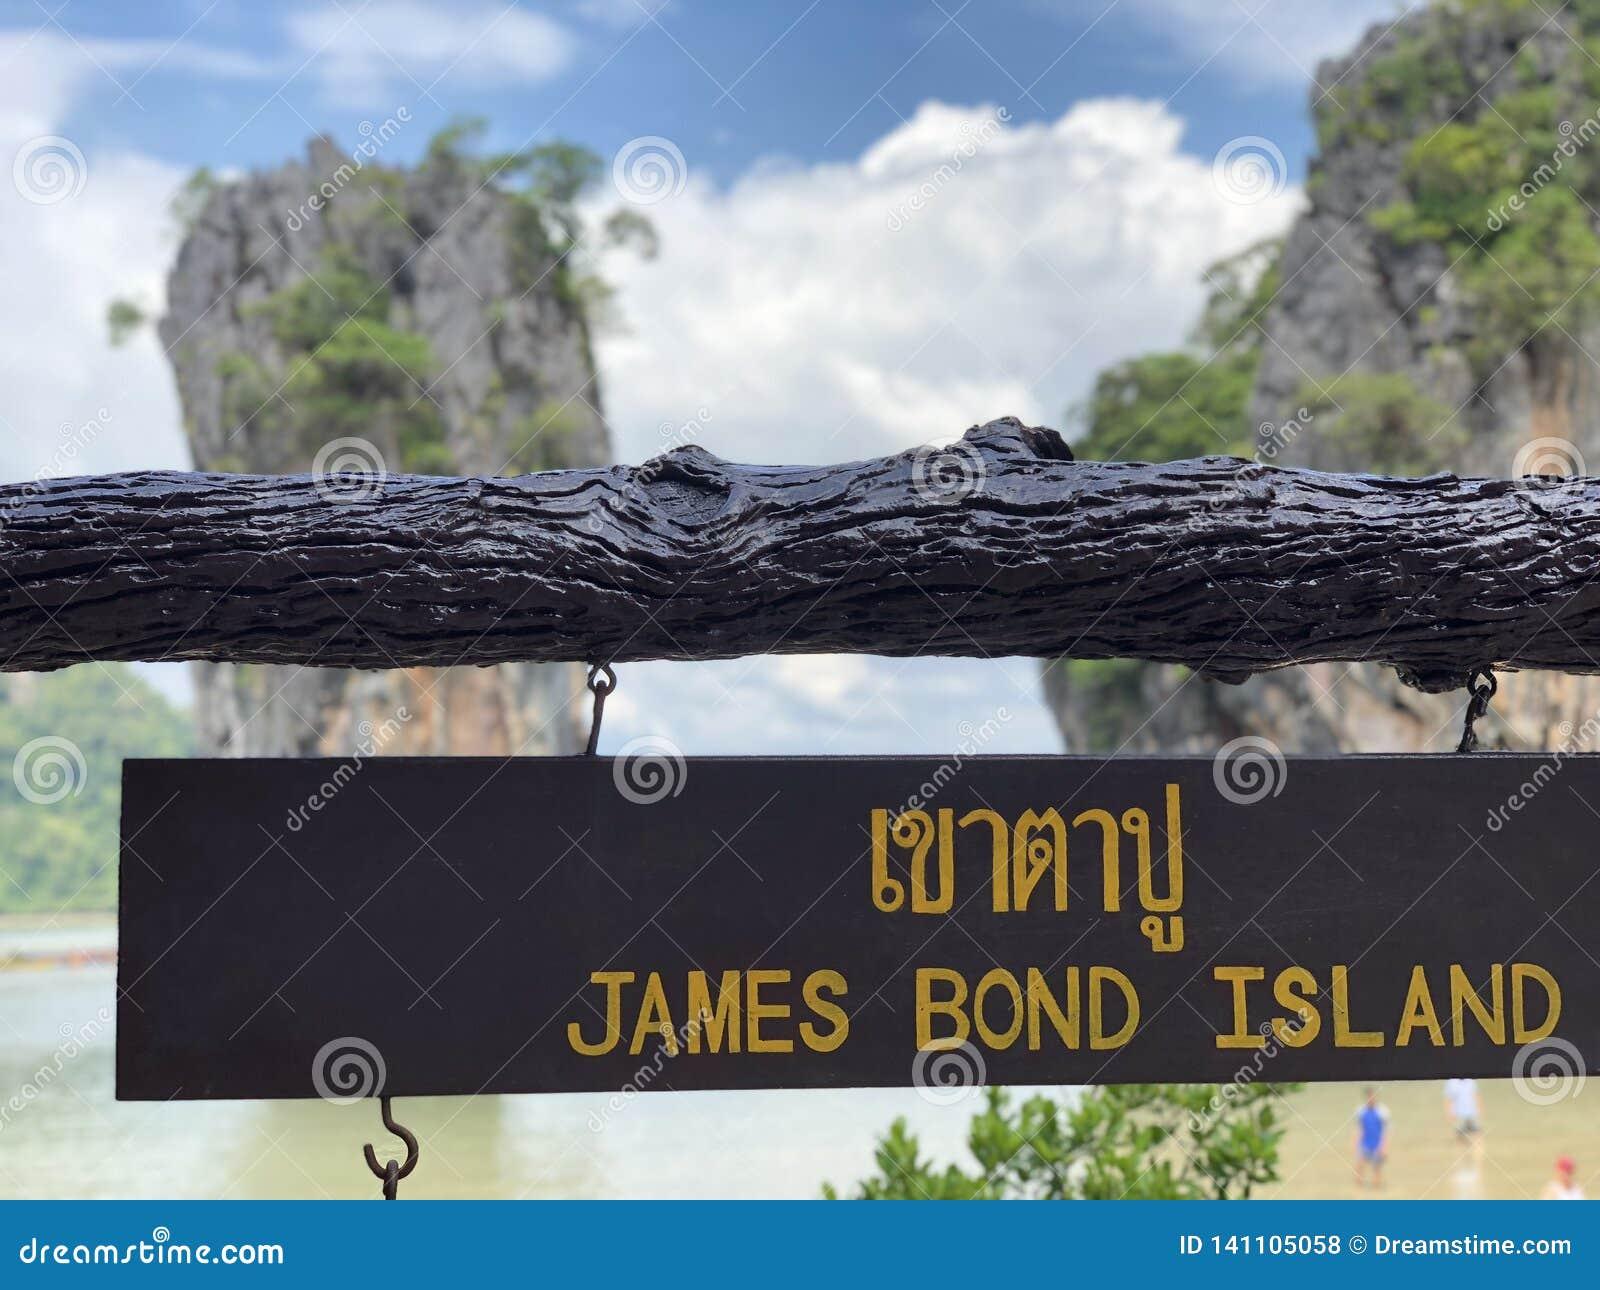 Isla de James Bond de la placa en la isla del milagro de Tailandia, mar azul, cielo azul, altos acantilados, mucho verdor tropica